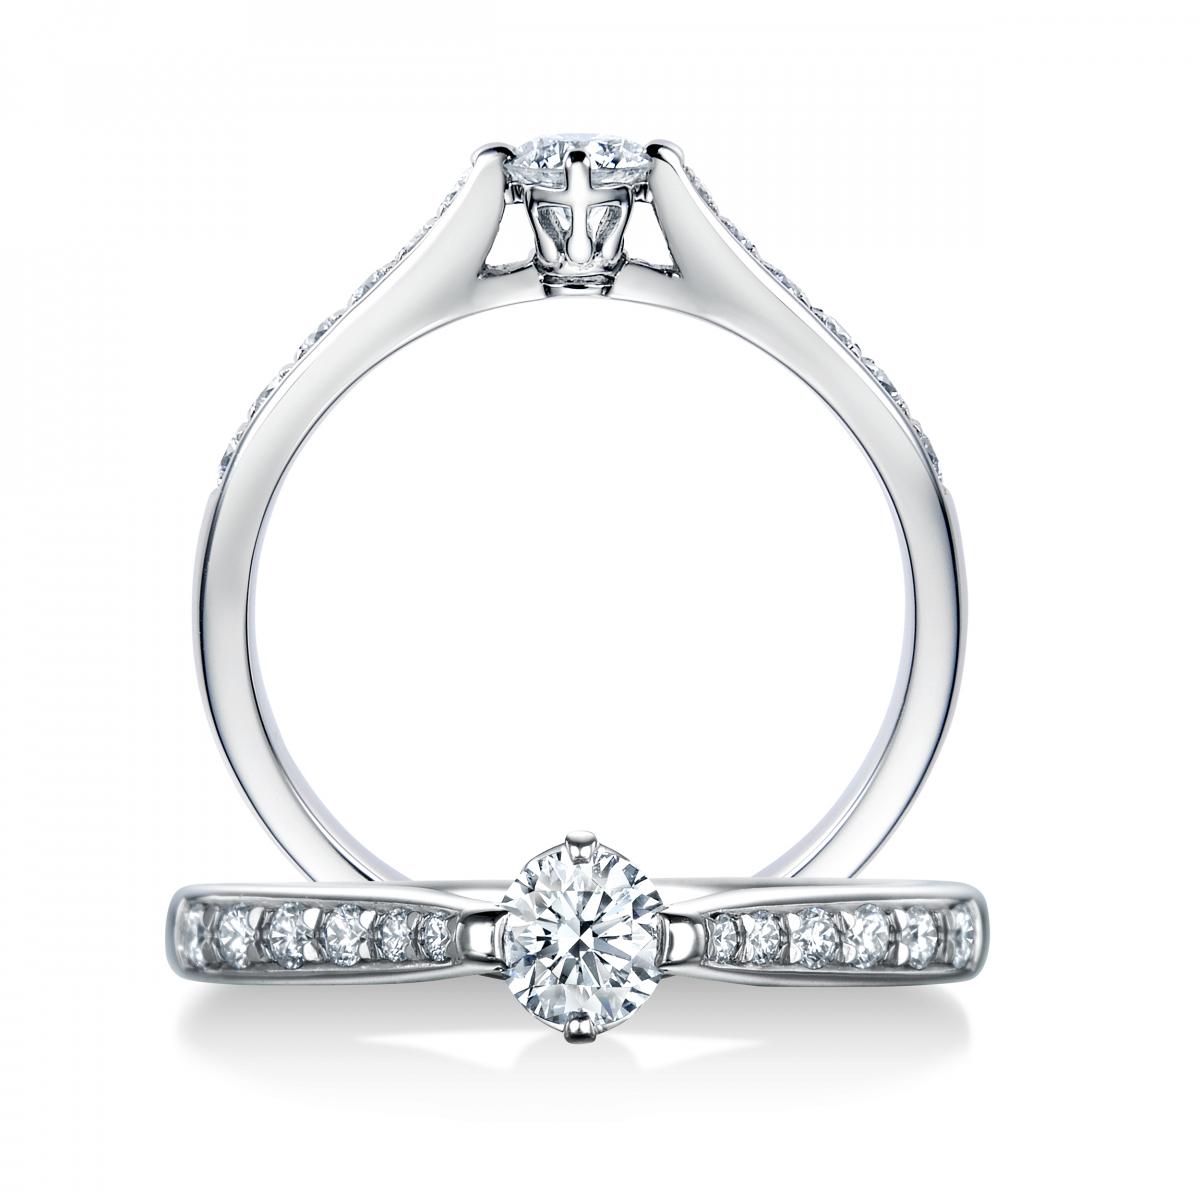 センターダイヤモンドを包み込む台座の側面にブランドのアイコン「クラウン」をデザインに取り入れ、細部にまでこだわった新作 ジュエリーライン。